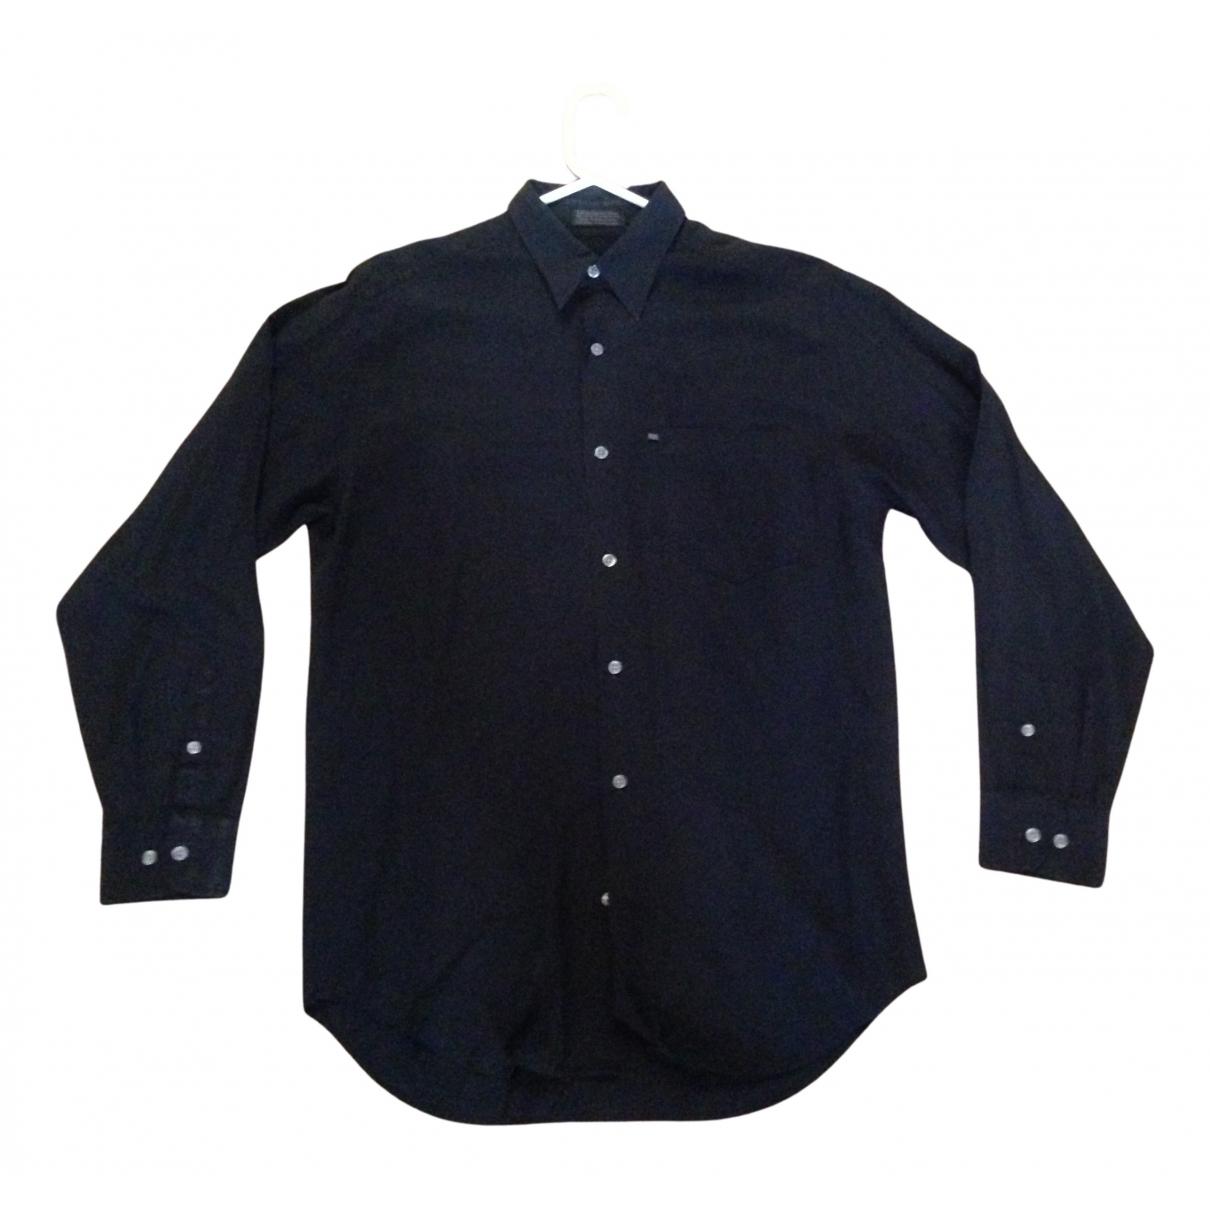 Dkny - Chemises   pour homme - noir